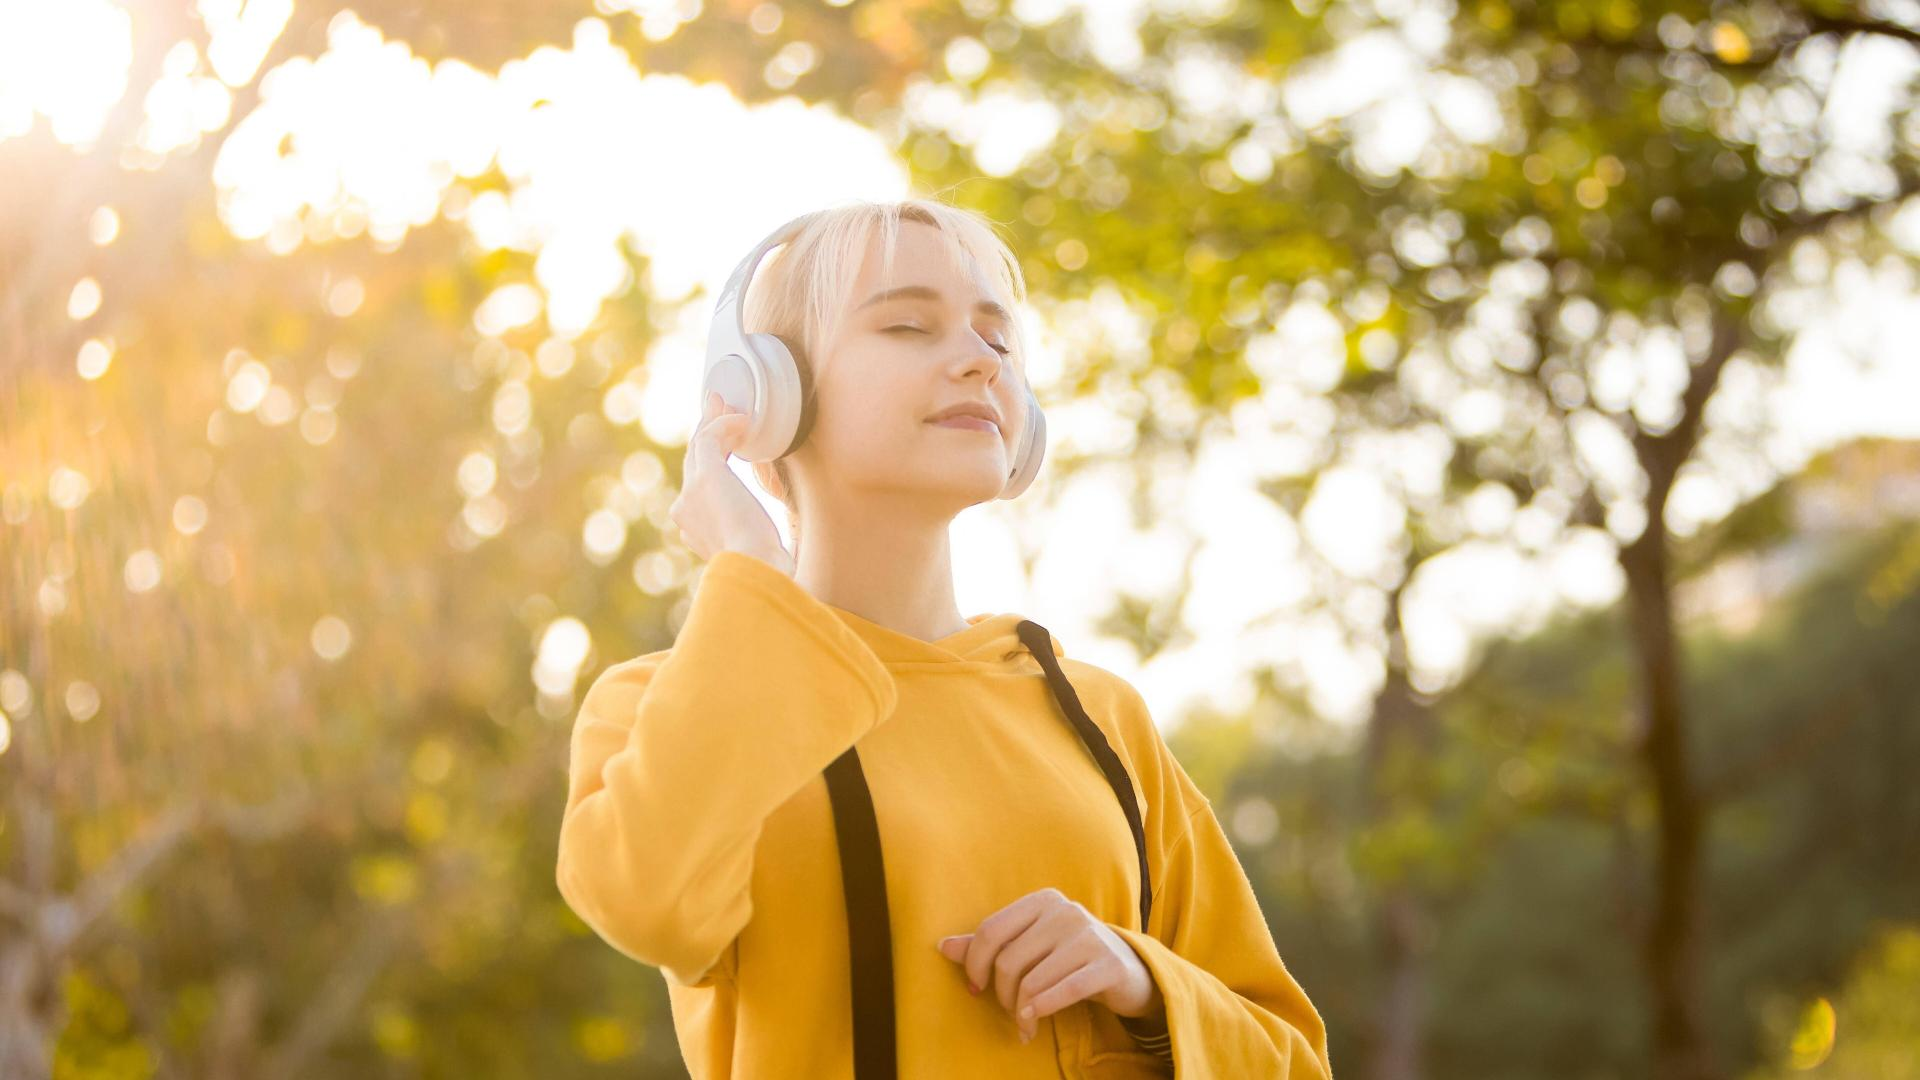 Frau hört Musik in der Sonne